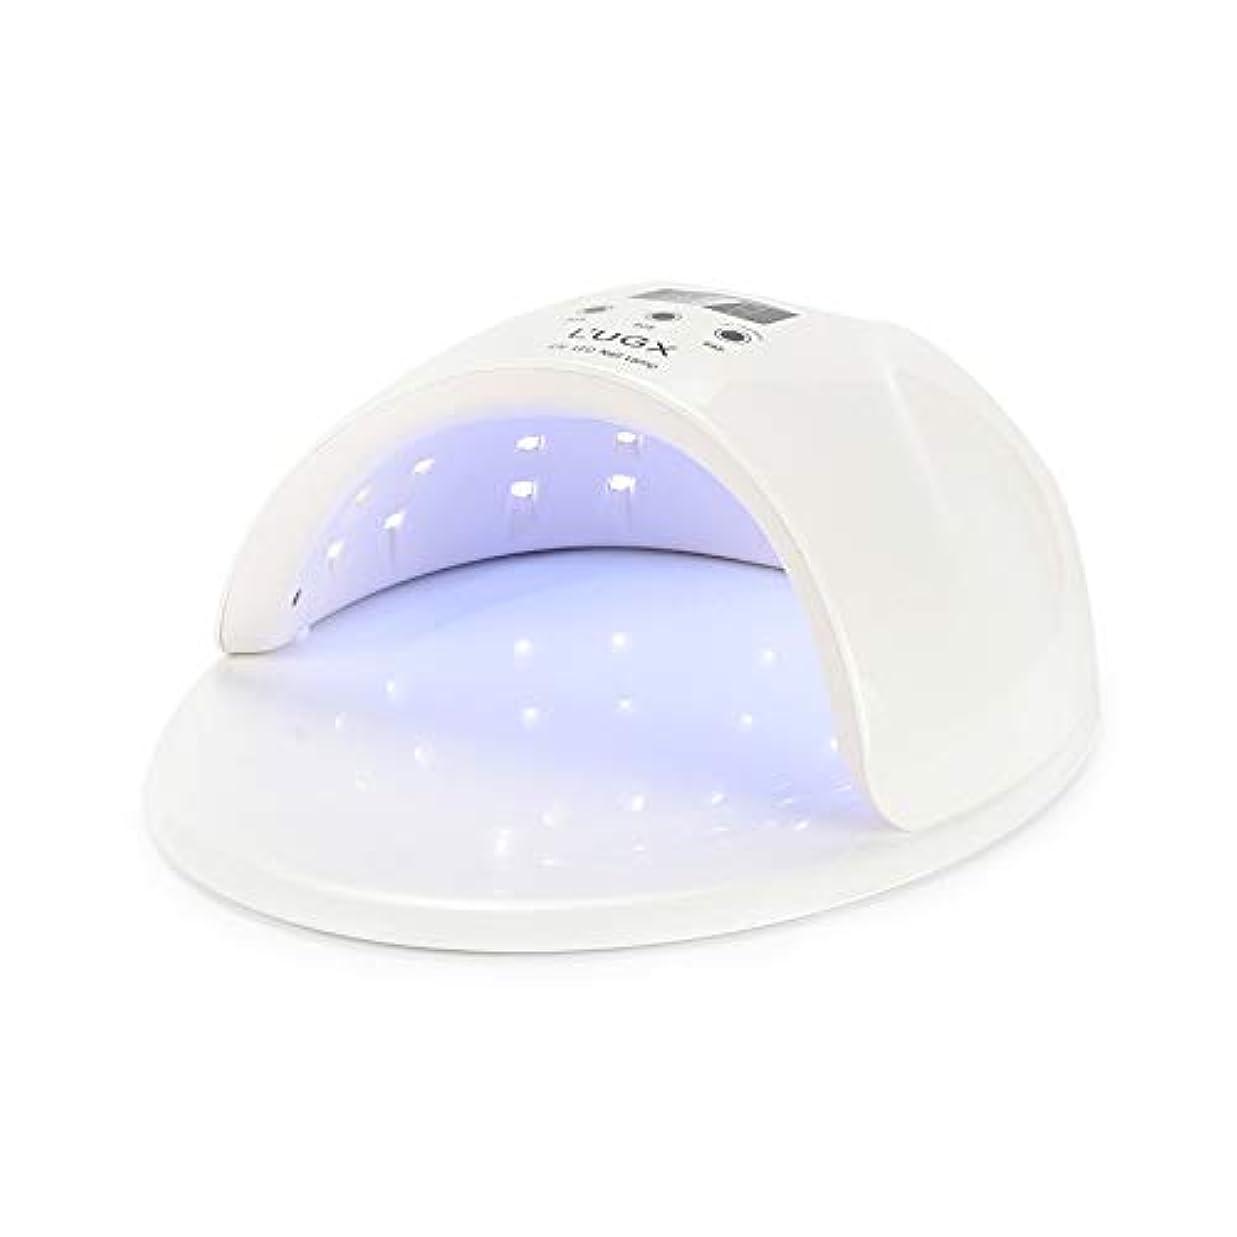 ユーモラス自伝承認するジェルネイルランプ、3タイマー設定付き50W UV LEDジェルネイルドライヤー - ジェルネイルポリッシュランプ